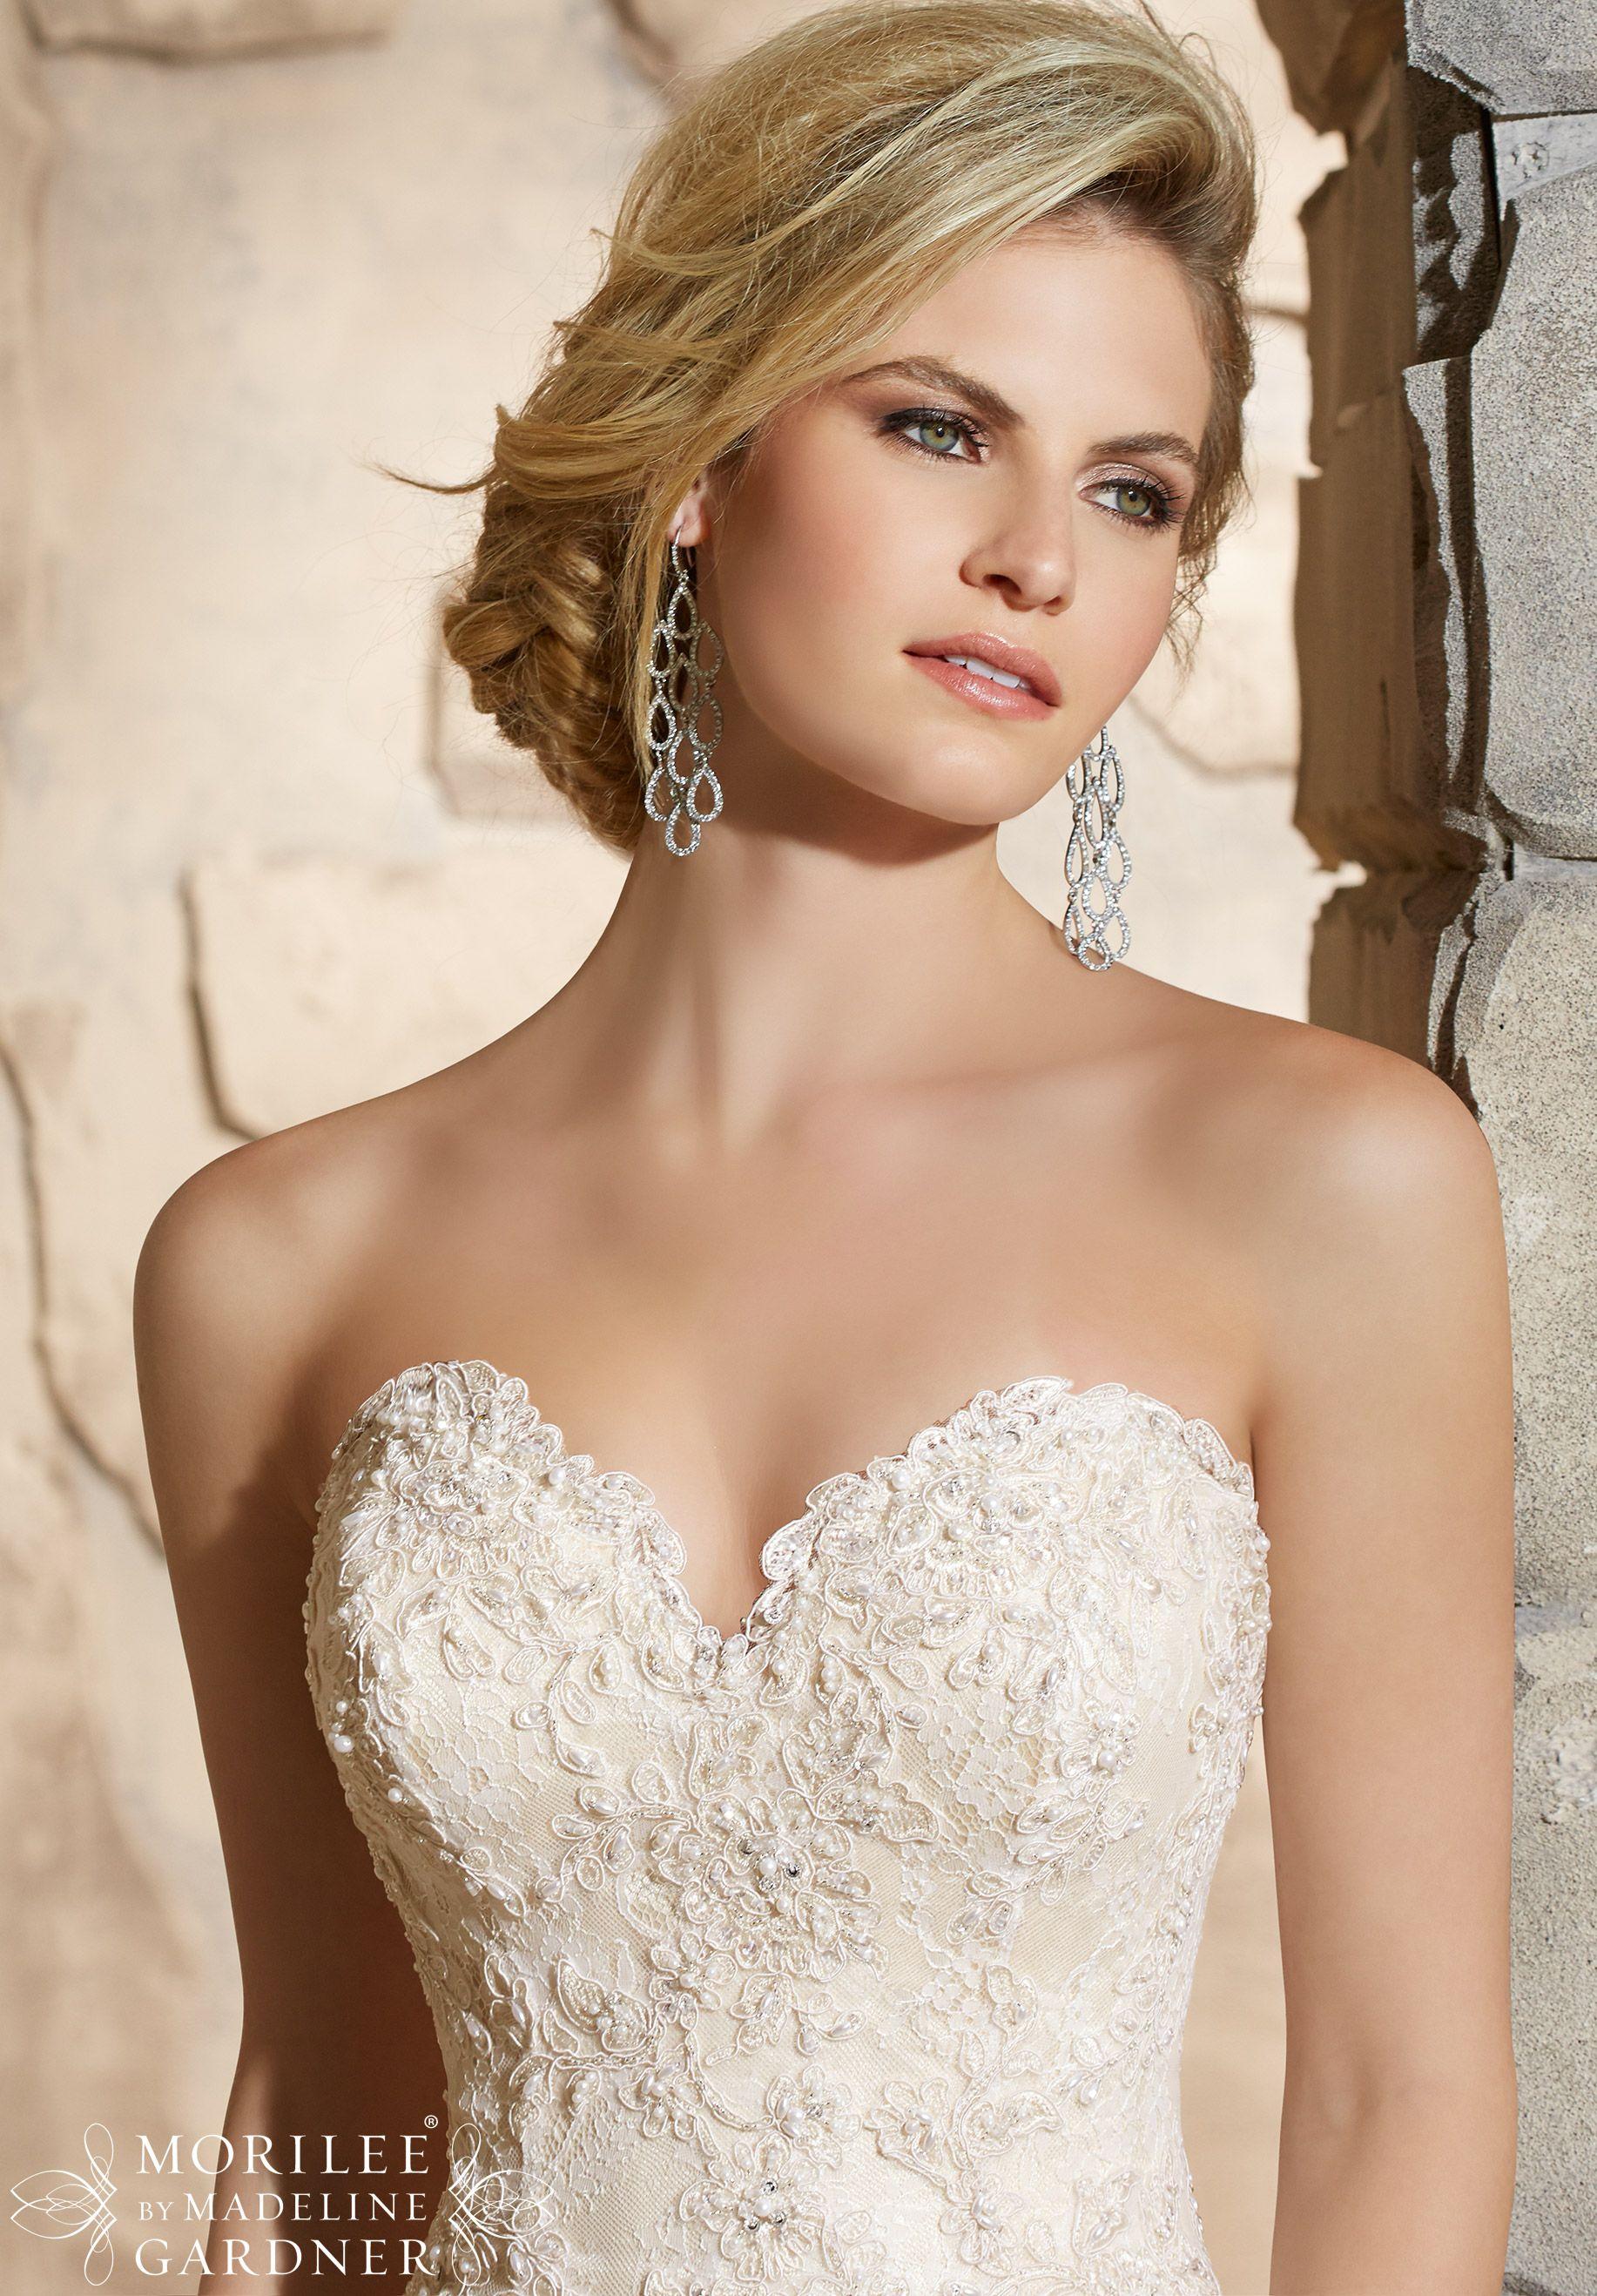 Vestido Mori Lee | Vestidos de Novia MORI LEE - Bride Wedding ...